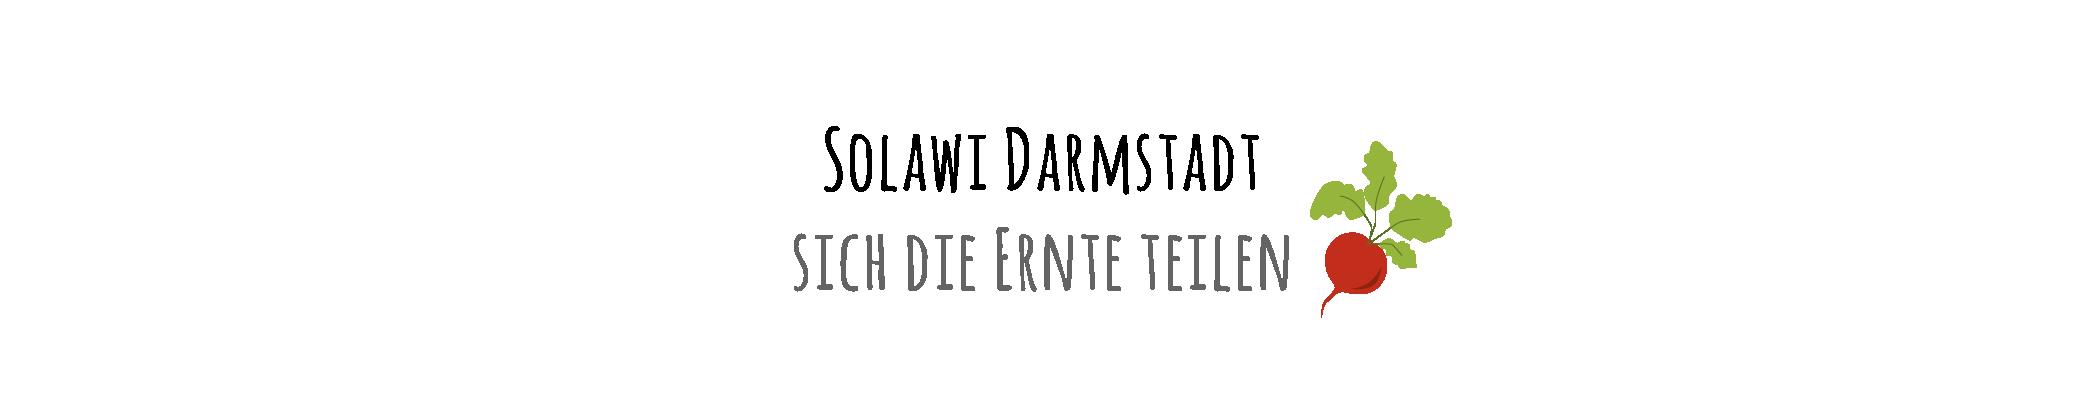 Solidarische Landwirtschaft Darmstadt